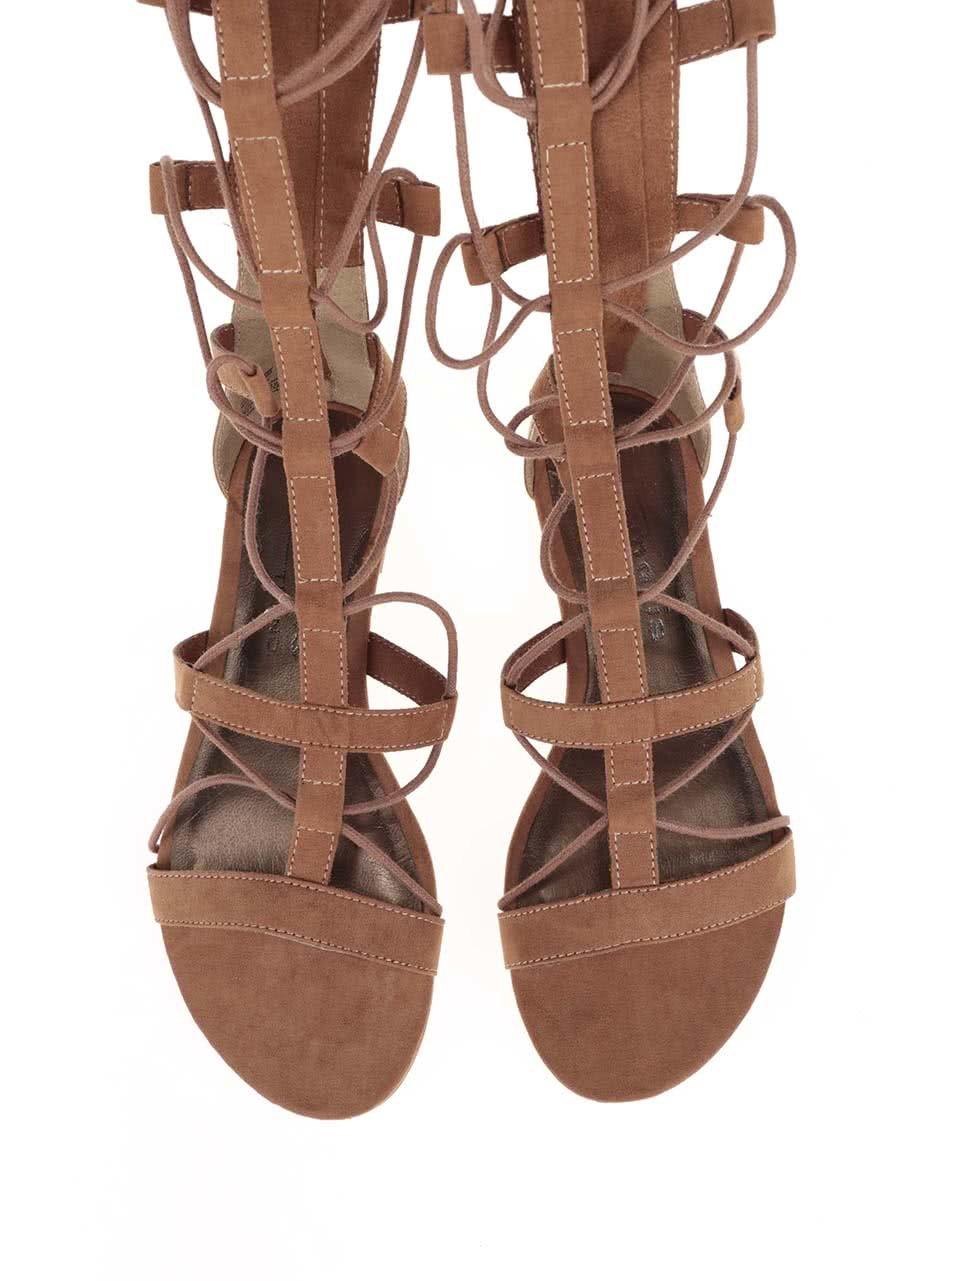 5f6187baa124 Hnedé vysoké sandálky na viazanie Tamaris ...